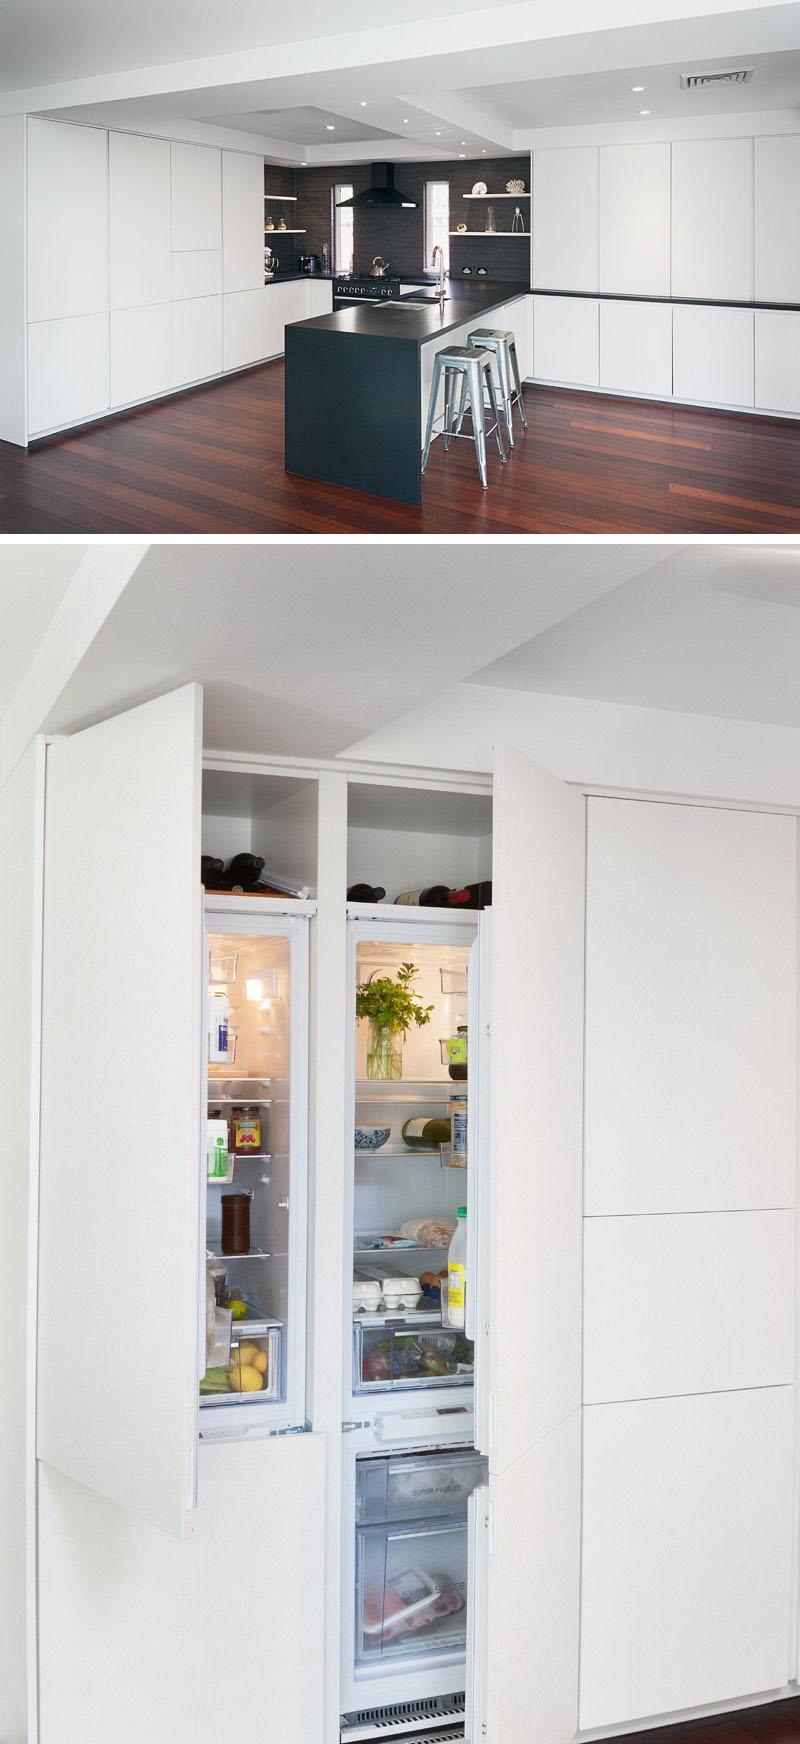 cozinha-branca-minimalista-com-eletrodomésticos-integrados